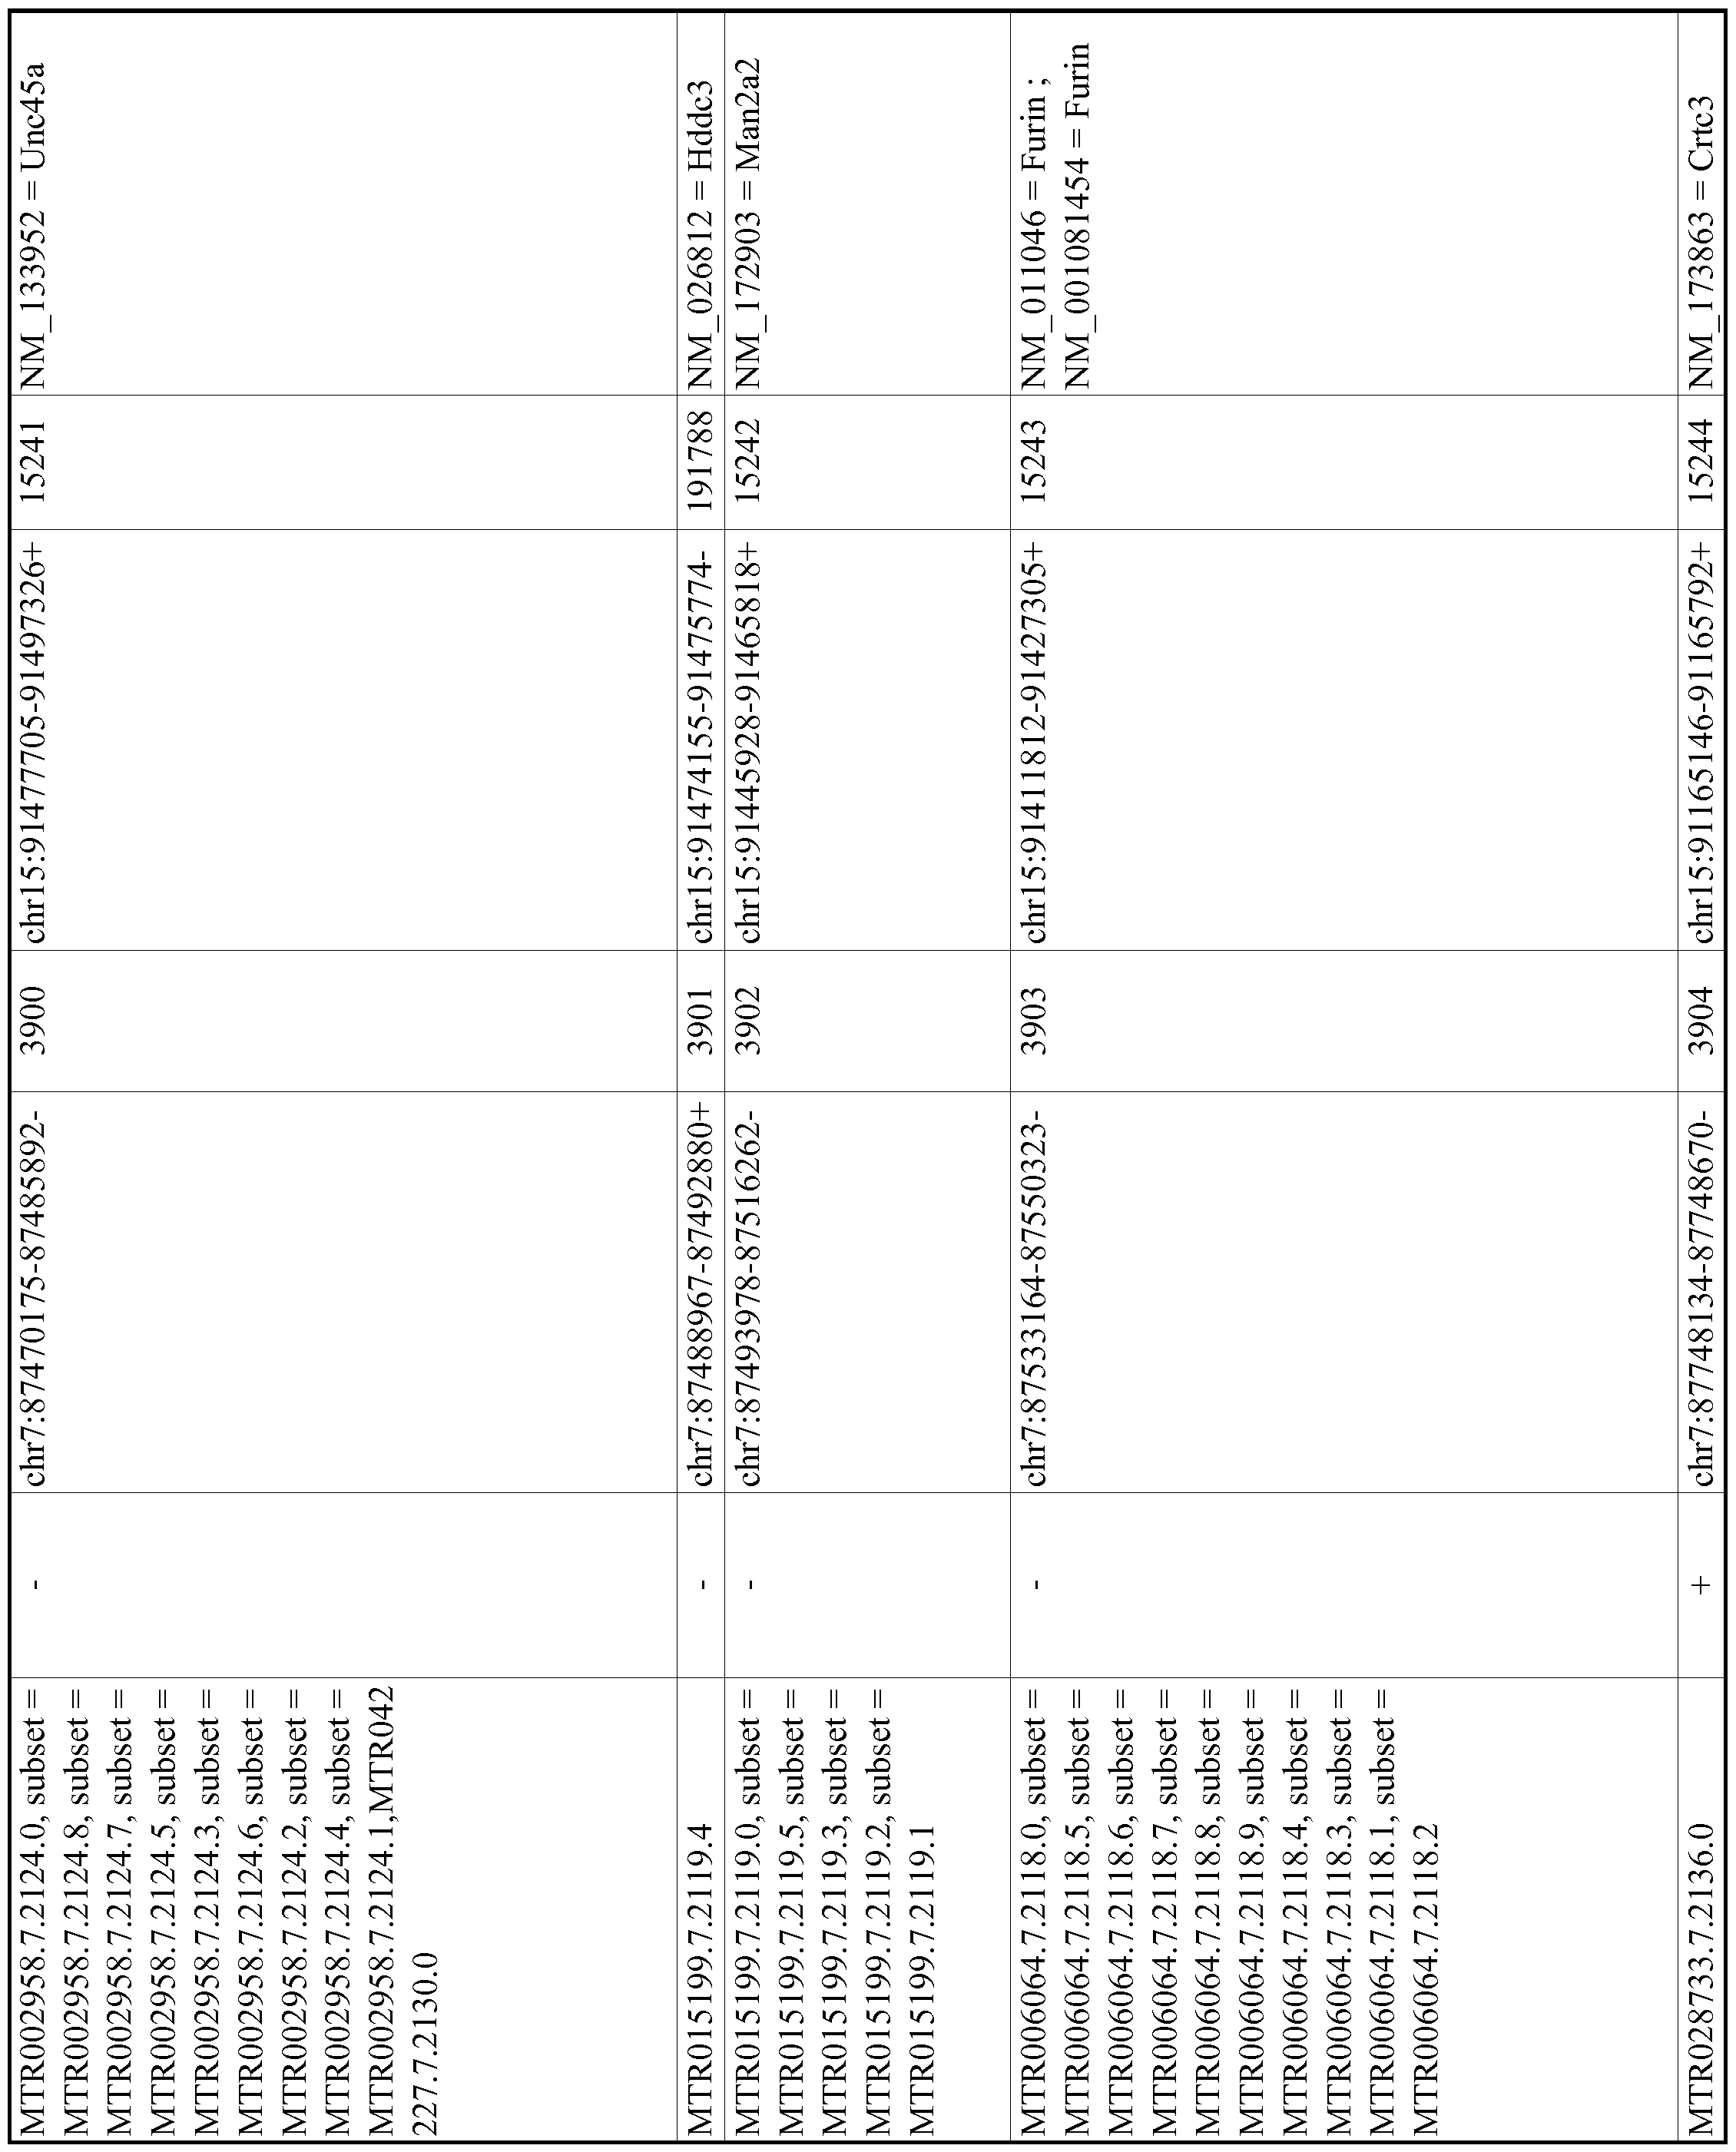 Figure imgf000747_0001